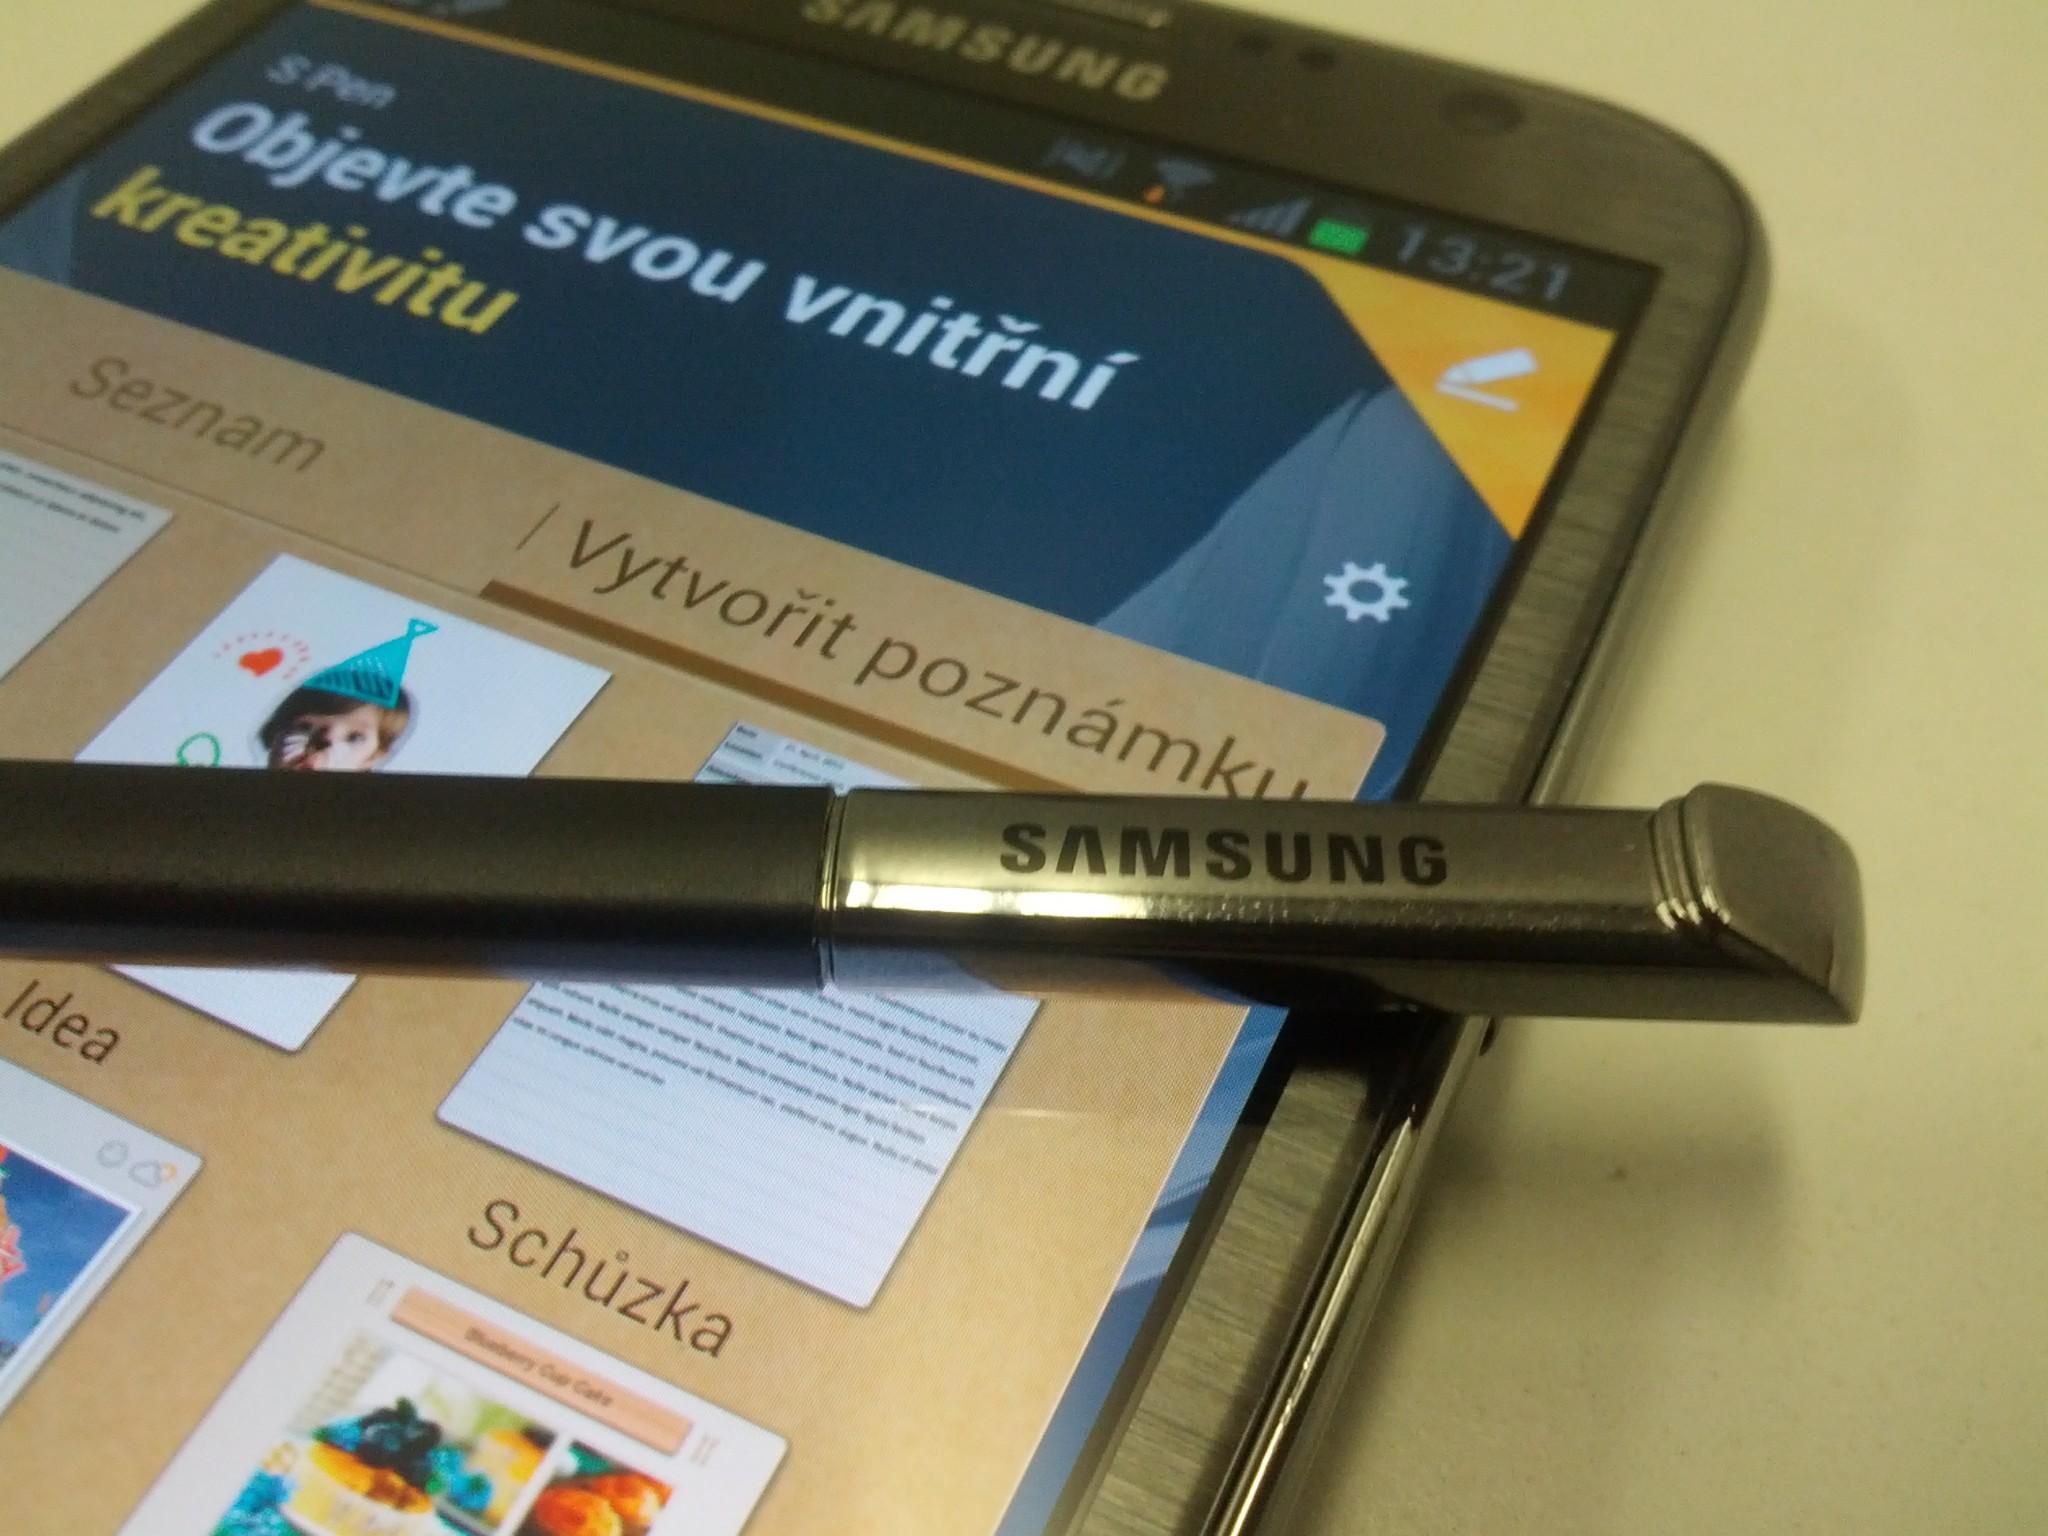 Objevena malá bezpečnostní chyba u Galaxy Note II [video]